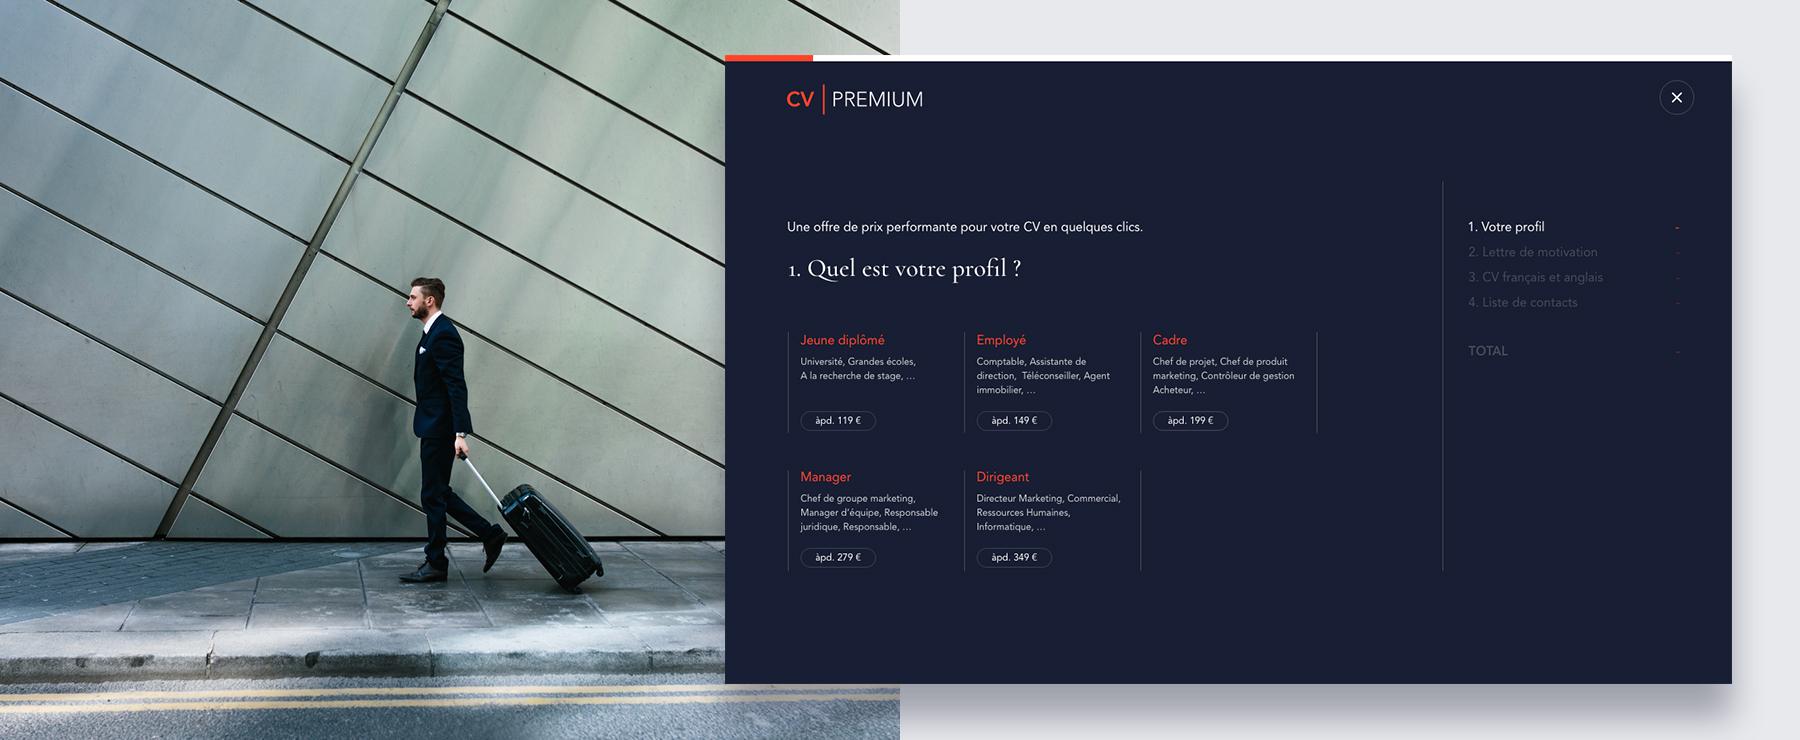 cr u00e9ation d u2019un nouveau site internet pour cv premium